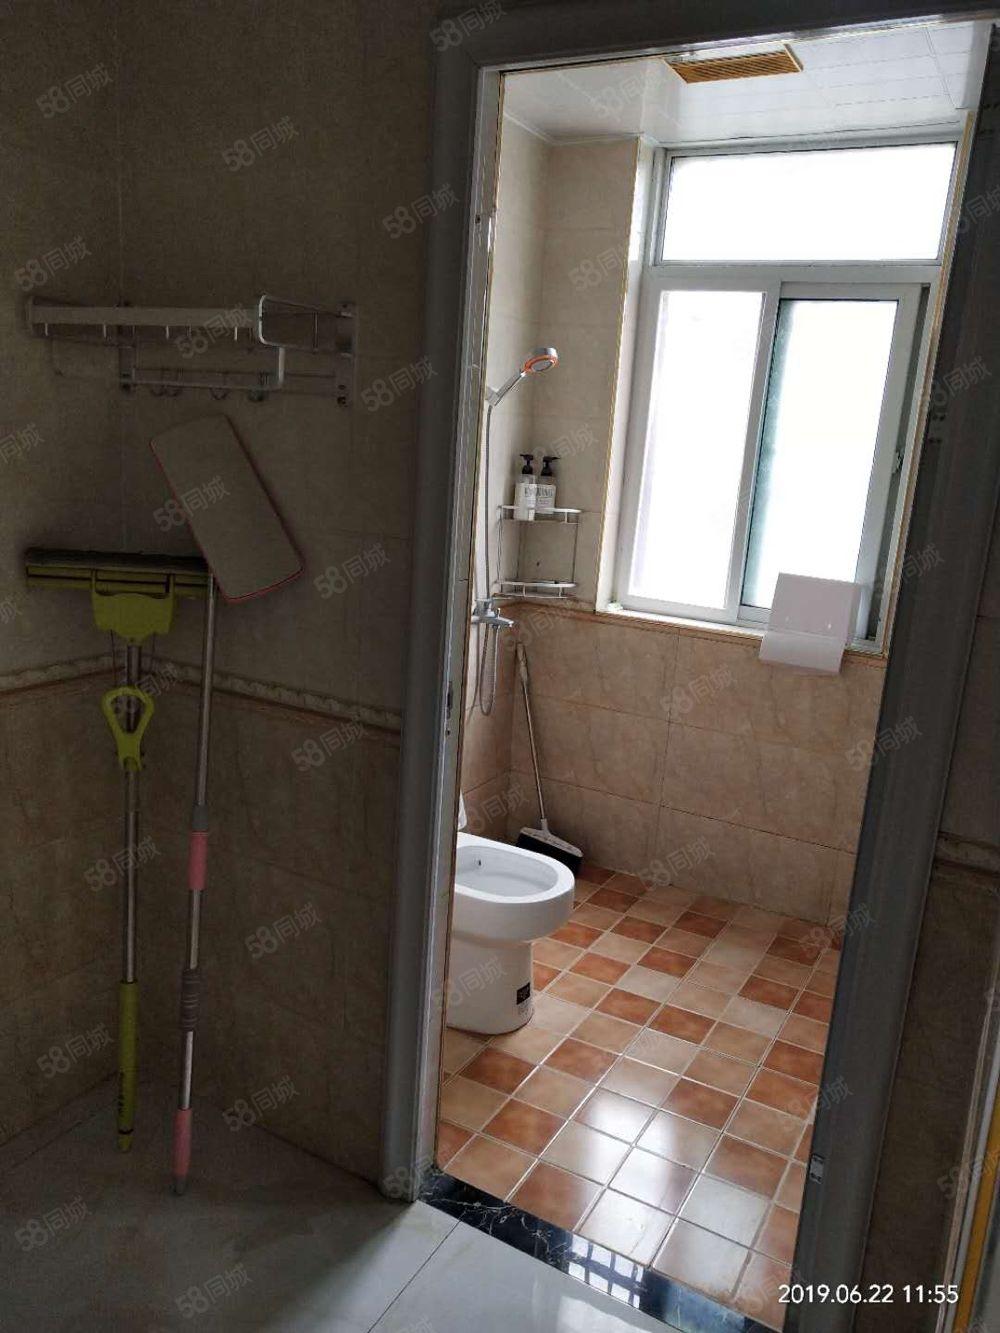 出租七小西萬霖錢豐,電梯房二室二廳,新裝修,看房方便。